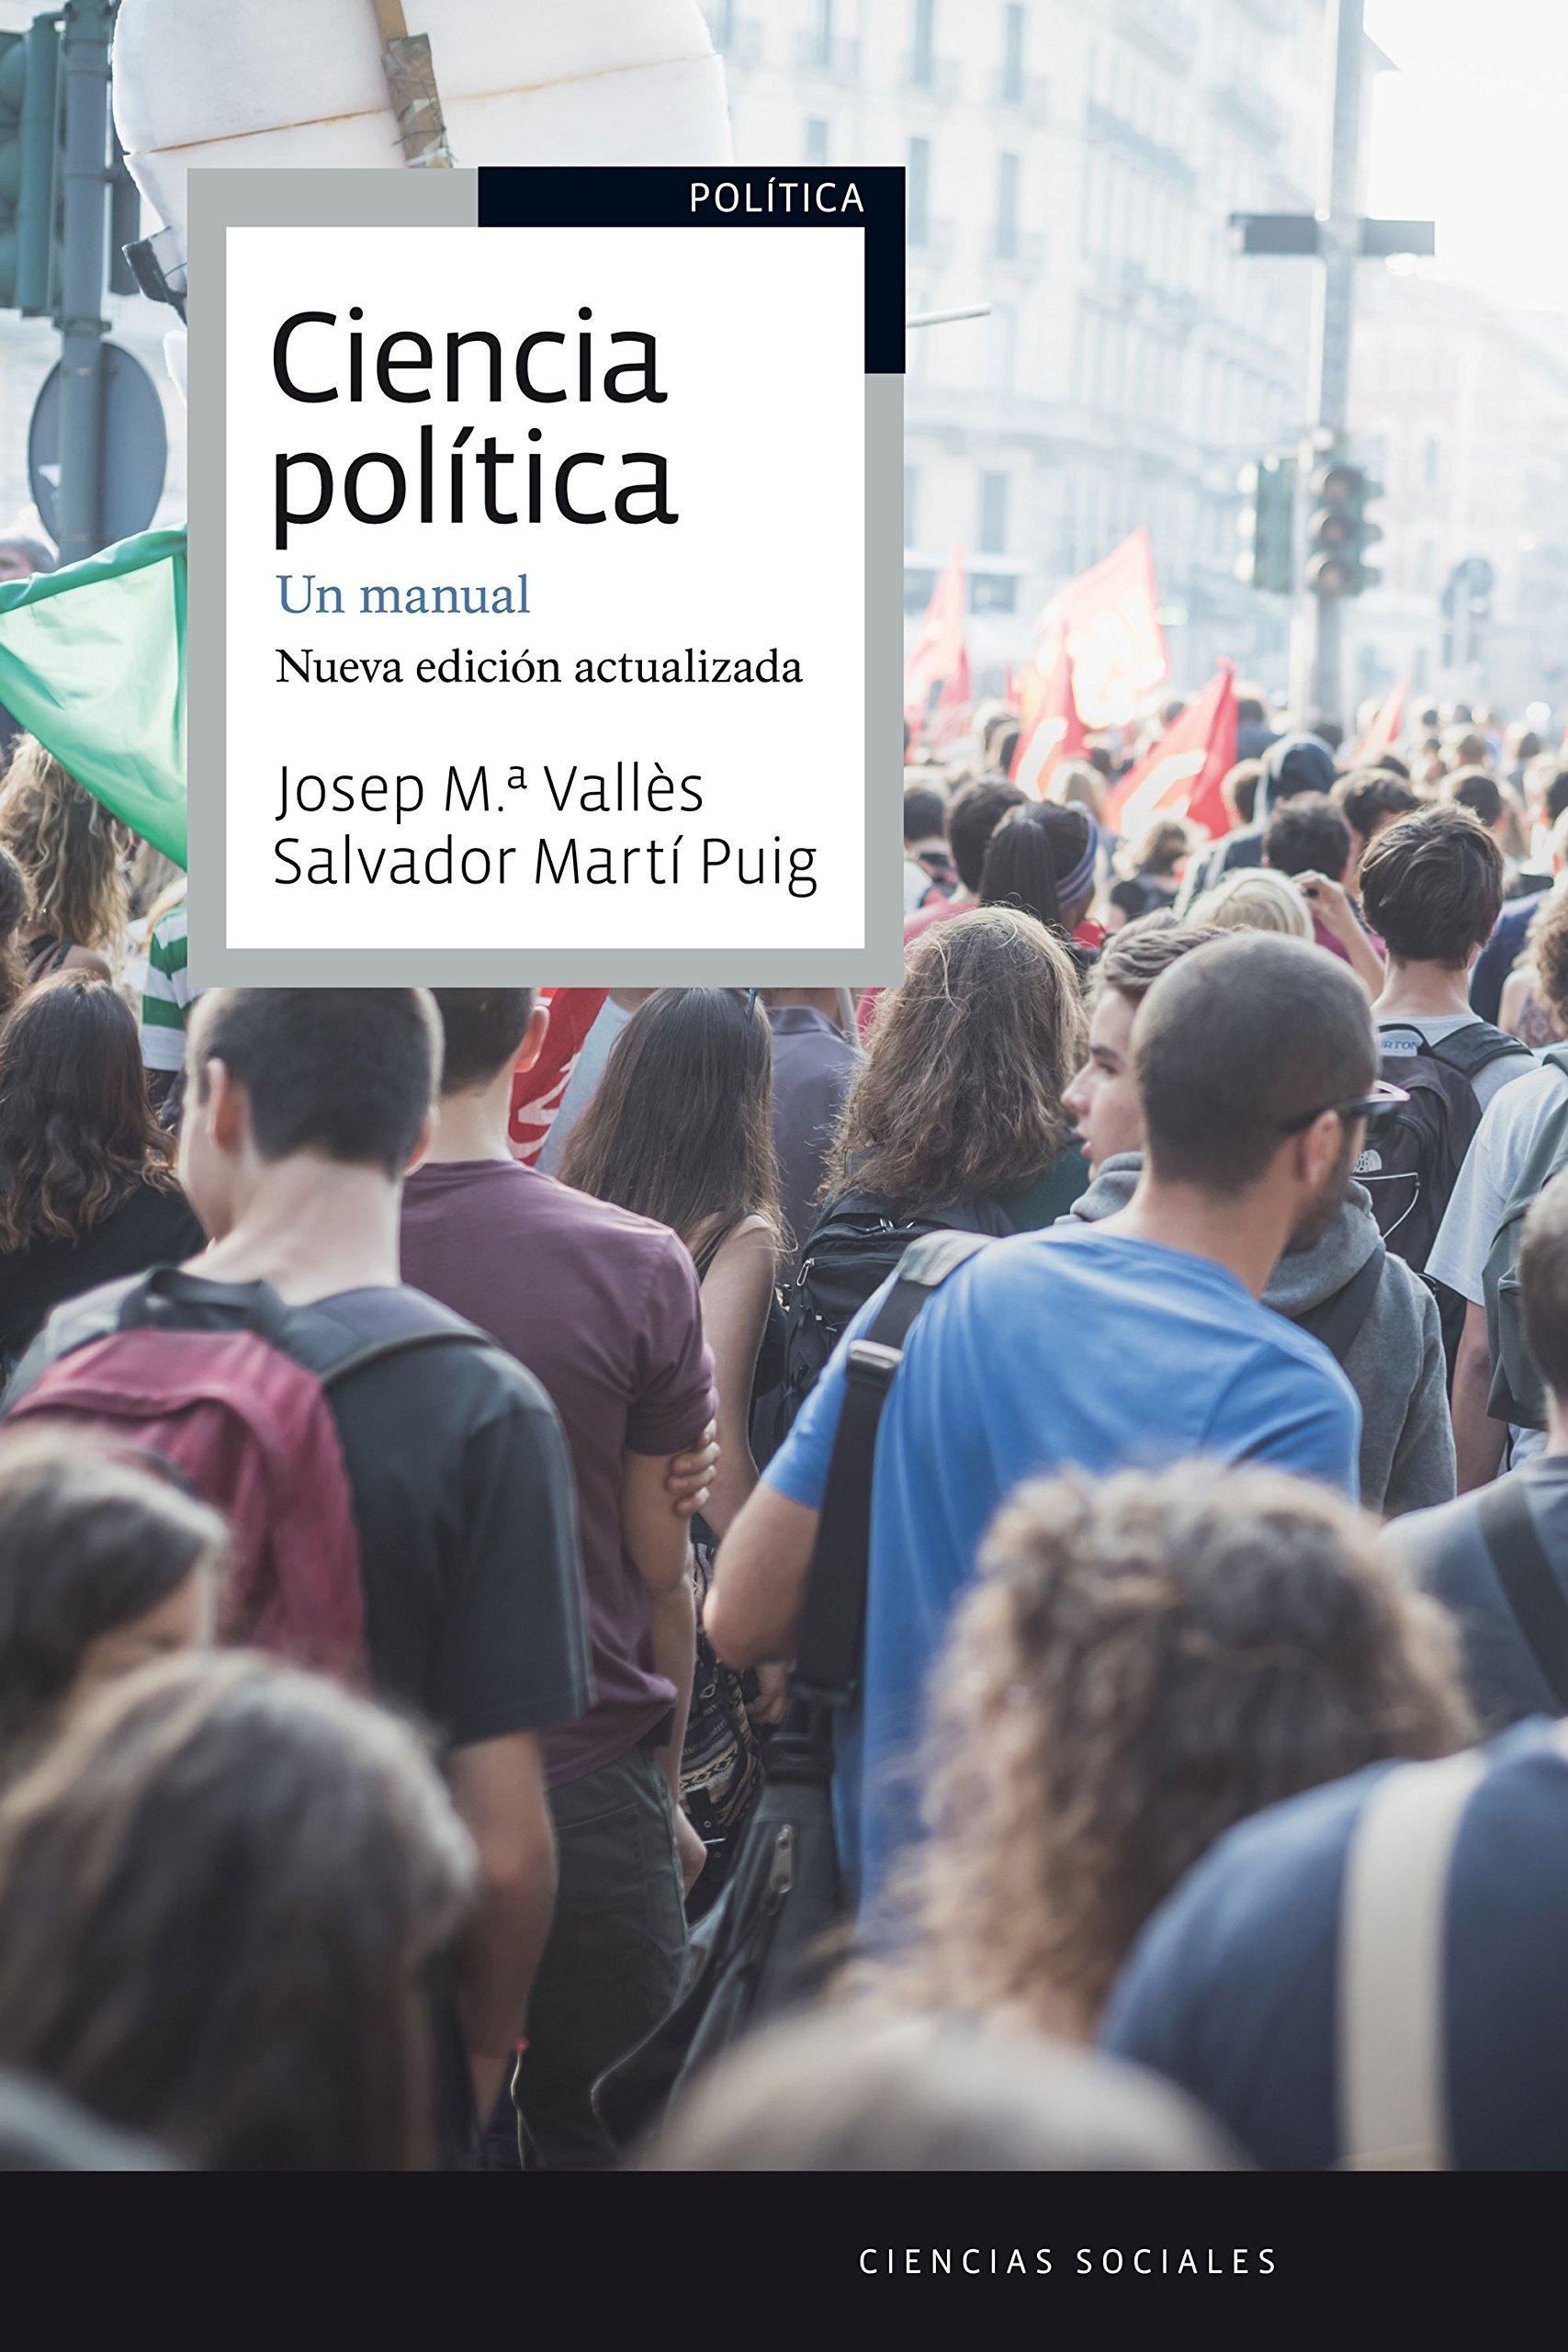 Ciencia política. Un manual: Nueva edición actualizada Ariel Ciencias Políticas: Amazon.es: Vallès, Josep Mª, Martí Puig, Salvador: Libros